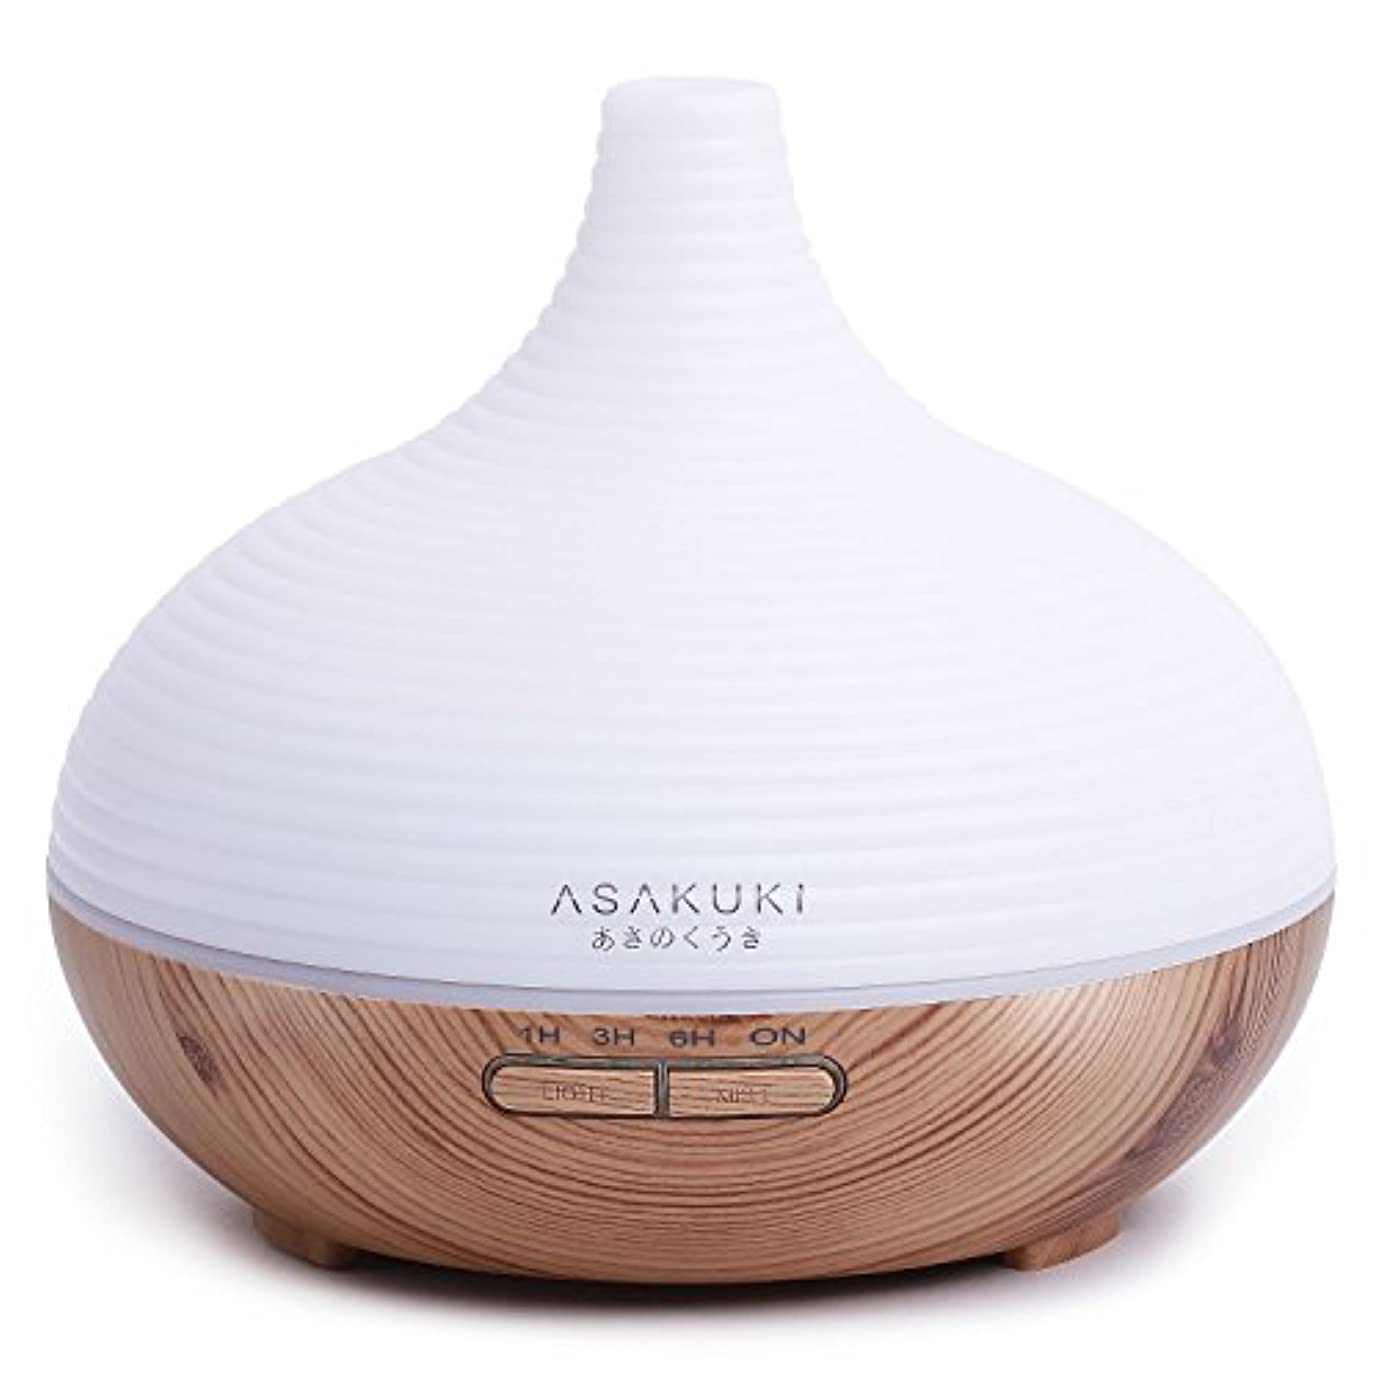 接続詞トラフフラスコasakuki 300 mlプレミアム、Essential Oil Diffuser、静かな5 - in - 1加湿器、自然Home Fragrance Diffuser with 7 LEDの色変更ライトと簡単にクリーン...